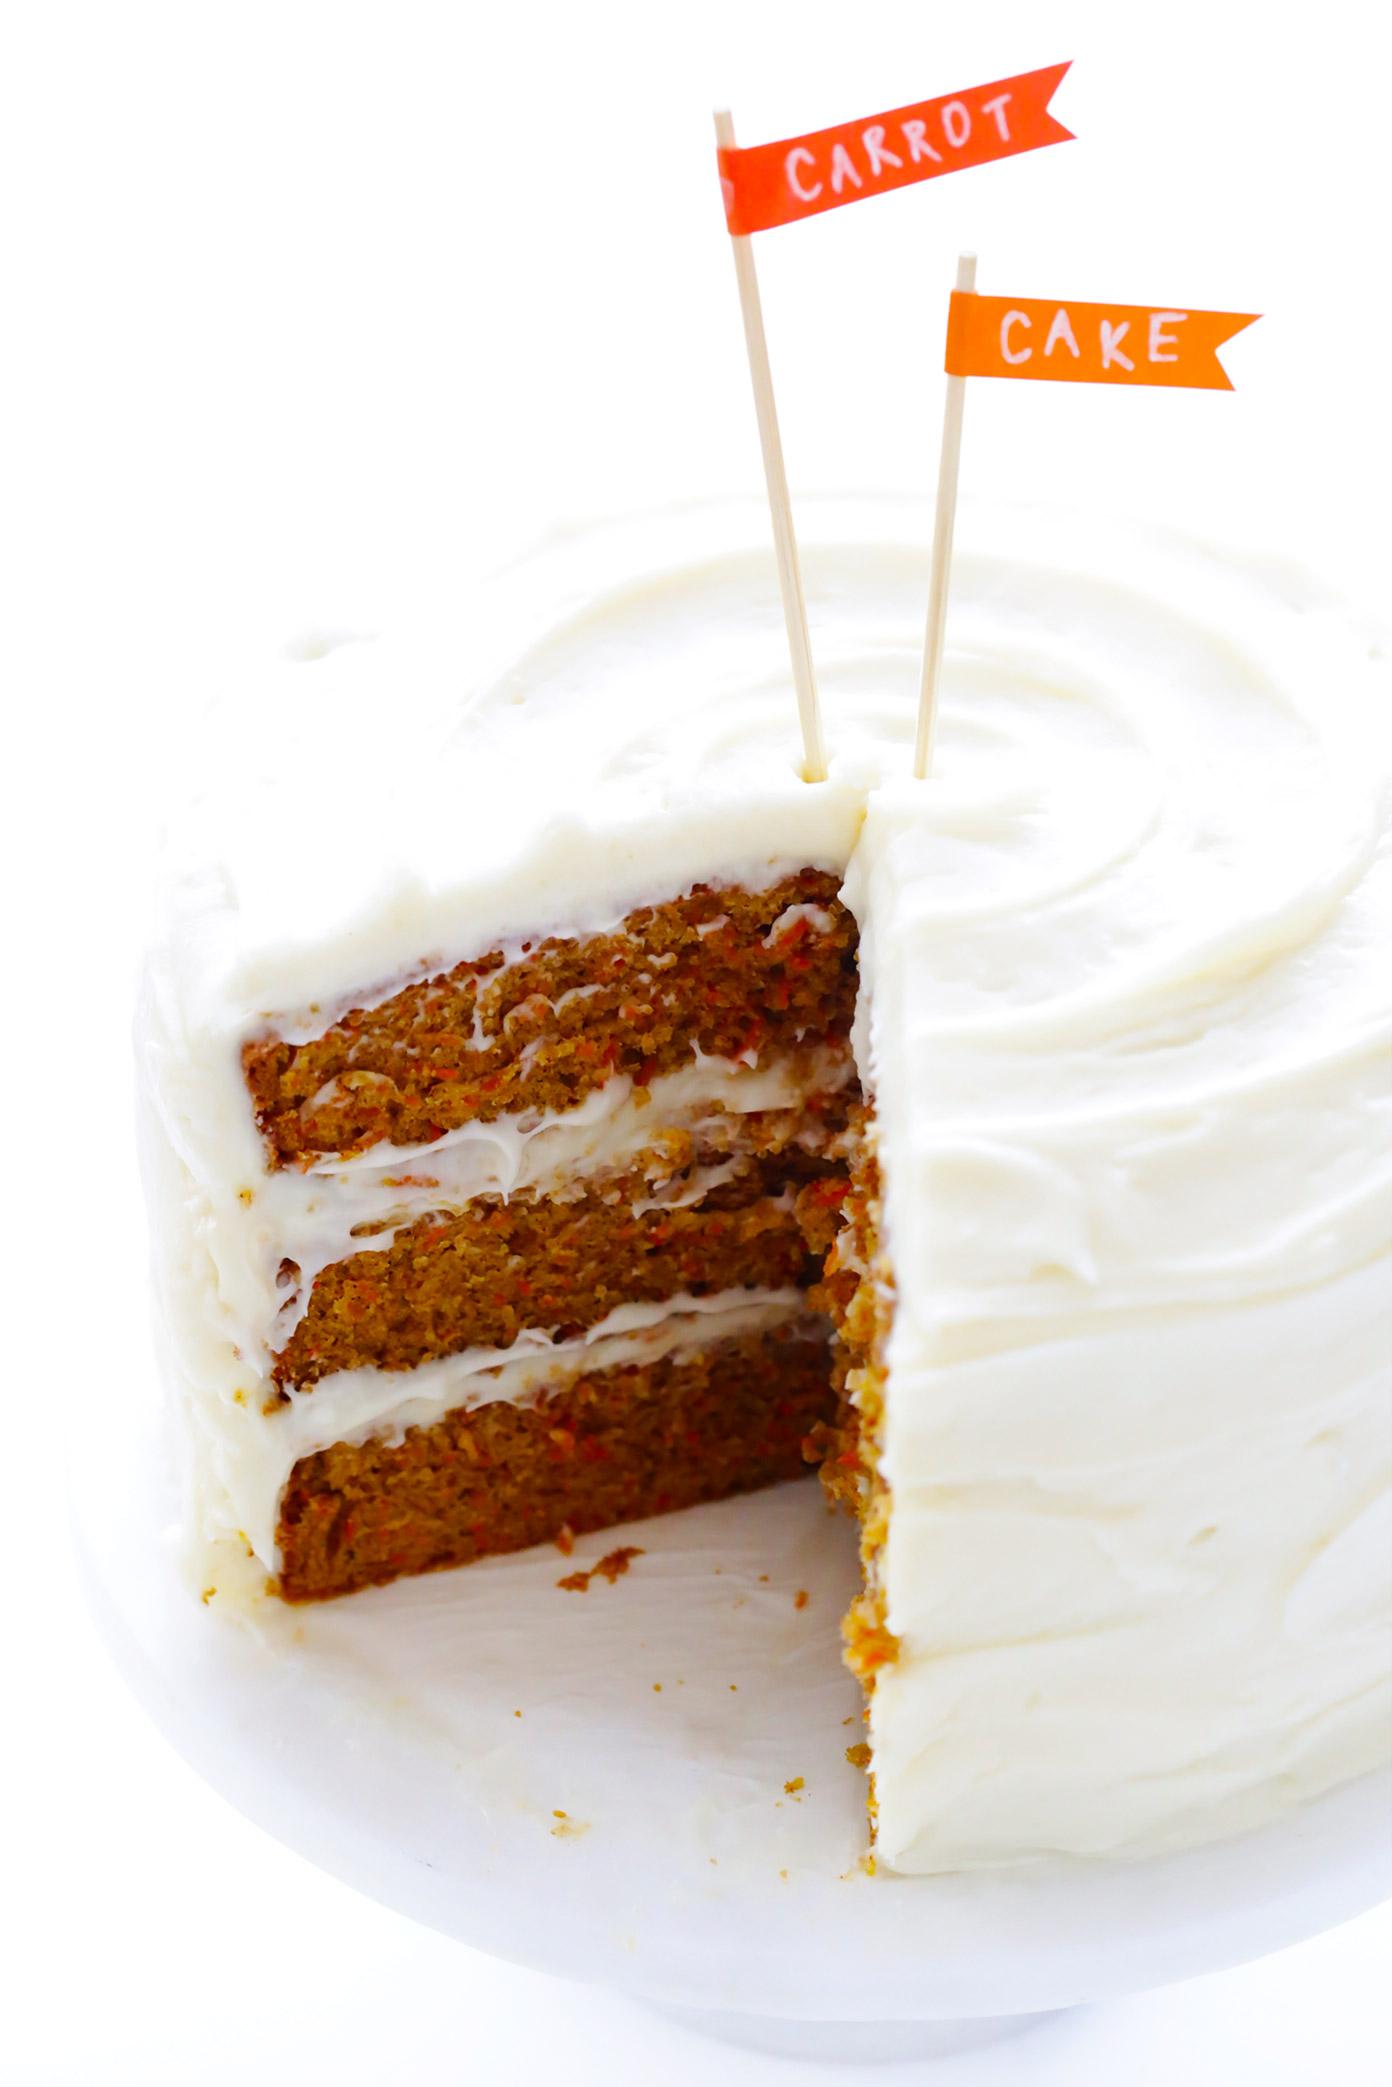 """La MEJOR receta de pastel de zanahoria """"width ="""" 1392 """"height ="""" 2087 """"data-pin-description ="""" ¡La MEJOR receta de pastel de zanahoria! Está hecho con un fácil pastel de zanahoria hecho en casa (no se requiere mezclador) y el glaseado de queso crema más celestial.   gimmesomeoven.com #carrot #cake #dessert #easter #creamcheese #frosting #spring #vegetarian """"srcset ="""" https://www.gimmesomeoven.com/wp-content/uploads/2014/03/The-Best-Carrot-Cake -Recipe-1.jpg 1392w, https://www.gimmesomeoven.com/wp-content/uploads/2014/03/The-Best-Carrot-Cake-Recipe-1-1100x1649.jpg 1100w, https: // www .gimmesomeoven.com / wp-content / uploads / 2014/03 / The-Best-Carrot-Cake-Recipe-1-768x1151.jpg 768w, https://www.gimmesomeoven.com/wp-content/uploads/2014/ 03 / The-Best-Carrot-Cake-Recipe-1-320x480.jpg 320w """"tamaños ="""" (ancho máximo: 1392px) 100vw, 1392px """"data-jpibfi-post-excerpt ="""" """"data-jpibfi-post-url = """"https://www.gimmesomeoven.com/best-carrot-cake/"""" data-jpibfi-post-title = """"¡El MEJOR Pastel de zanahoria!"""" data-jpibfi-src = """"https://www.gimmesomeoven.com /wp-content/uploads/2014/03/The-Best-Carrot-Cake-Recipe-1.jpg """"/></p> <p>Oh hola. ♡ Solo pensé que casualmente deslizaría esta receta aquí en la parte superior de tu feed a tiempo para la Pascua. Porque si estás buscando la mejor receta de pastel de zanahoria del mundo para este fin de semana, o cualquier día delicioso del año, no busques más. ¡Cientos y cientos de nuestros lectores han acordado a lo largo de los años que esta receta casera de pastel de zanahoria es un ganador indiscutible!</p> <p>Quiero decir, debo admitir de inmediato que siempre y siempre estaré en Team Carrot cuando se trata de mi tipo de pastel favorito, por lo que siempre seré extra-parcial al pastel de zanahoria en cualquier forma (incluidos los cupcakes). Pero <em>porque</em> es mi favorito, tengo estándares muy altos en lo que se refiere exactamente a lo que constituye el sector perfecto.</p> <p>En primer lugar, el pastel de zanahoria casero perfecto """